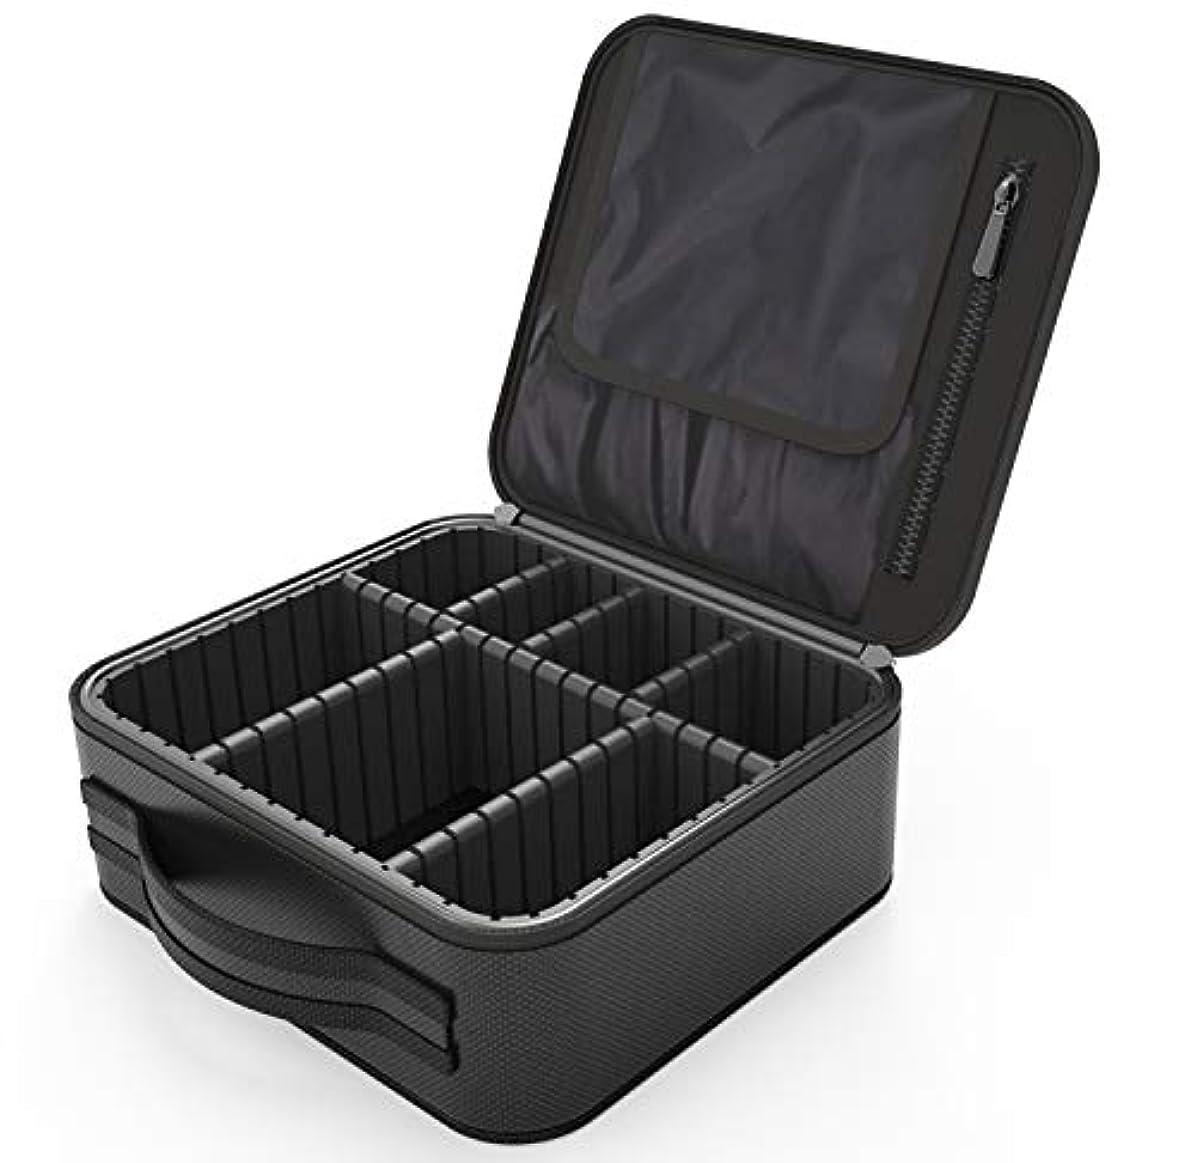 シード救急車費用Regalll 便携式 プロ用 メイクボックス 高品質 收納抜群 大容量 化粧バッグ 置き方が調整できる 旅行 家用に大活躍な化粧箱 (黑)